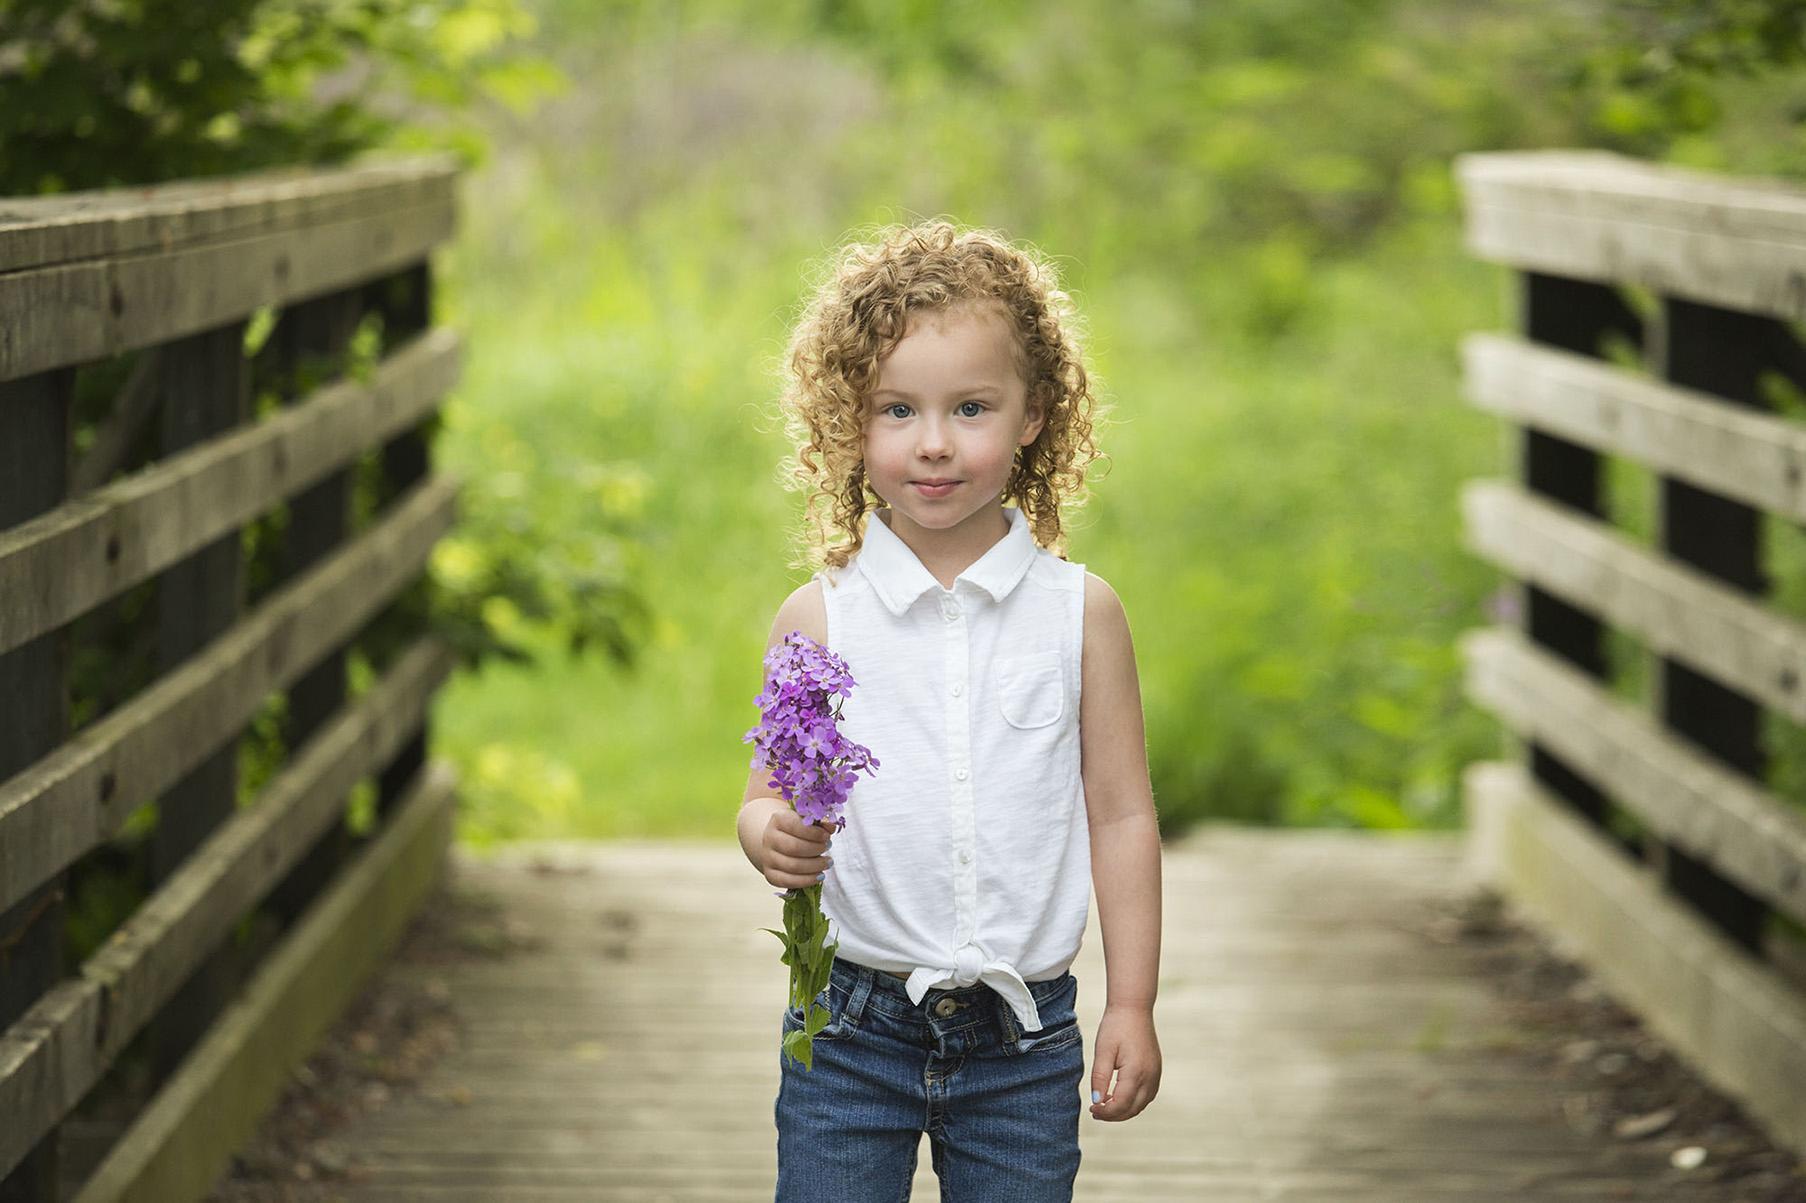 Child photographer Newborn Photographer Headshot Photographer